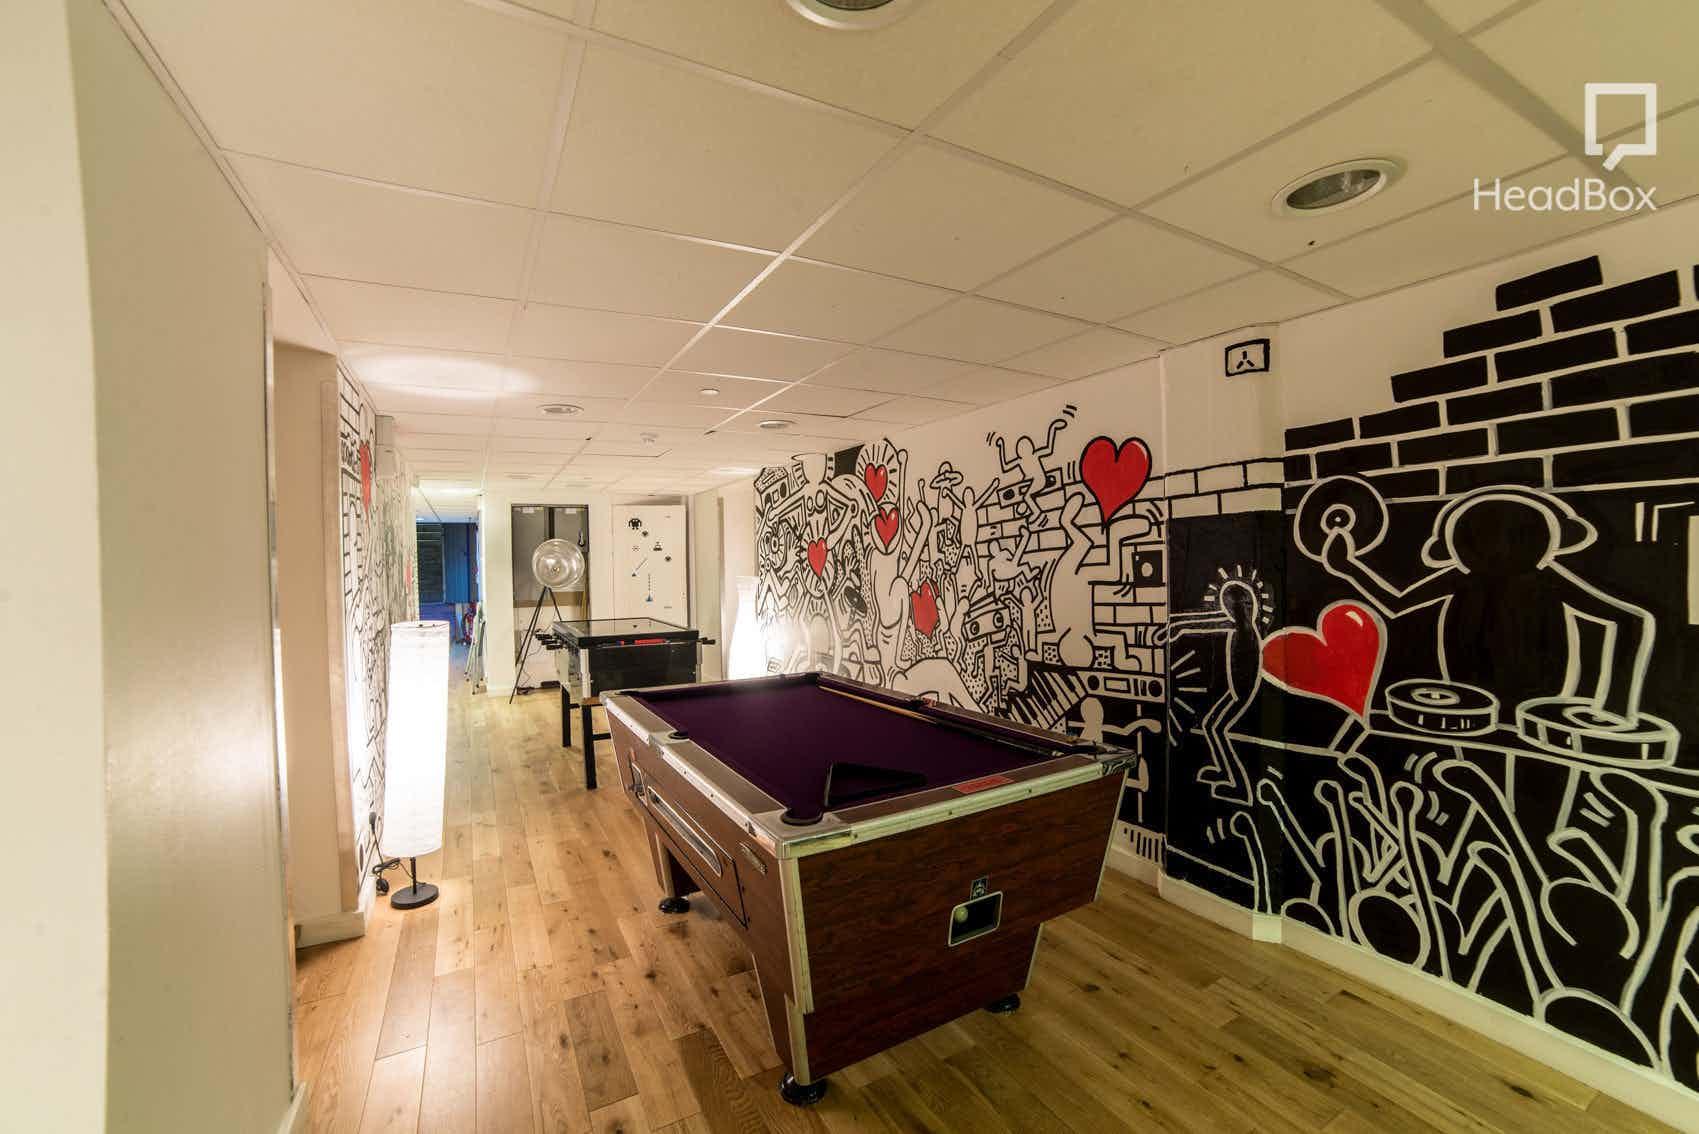 Studio 1, Soho Recording Studios